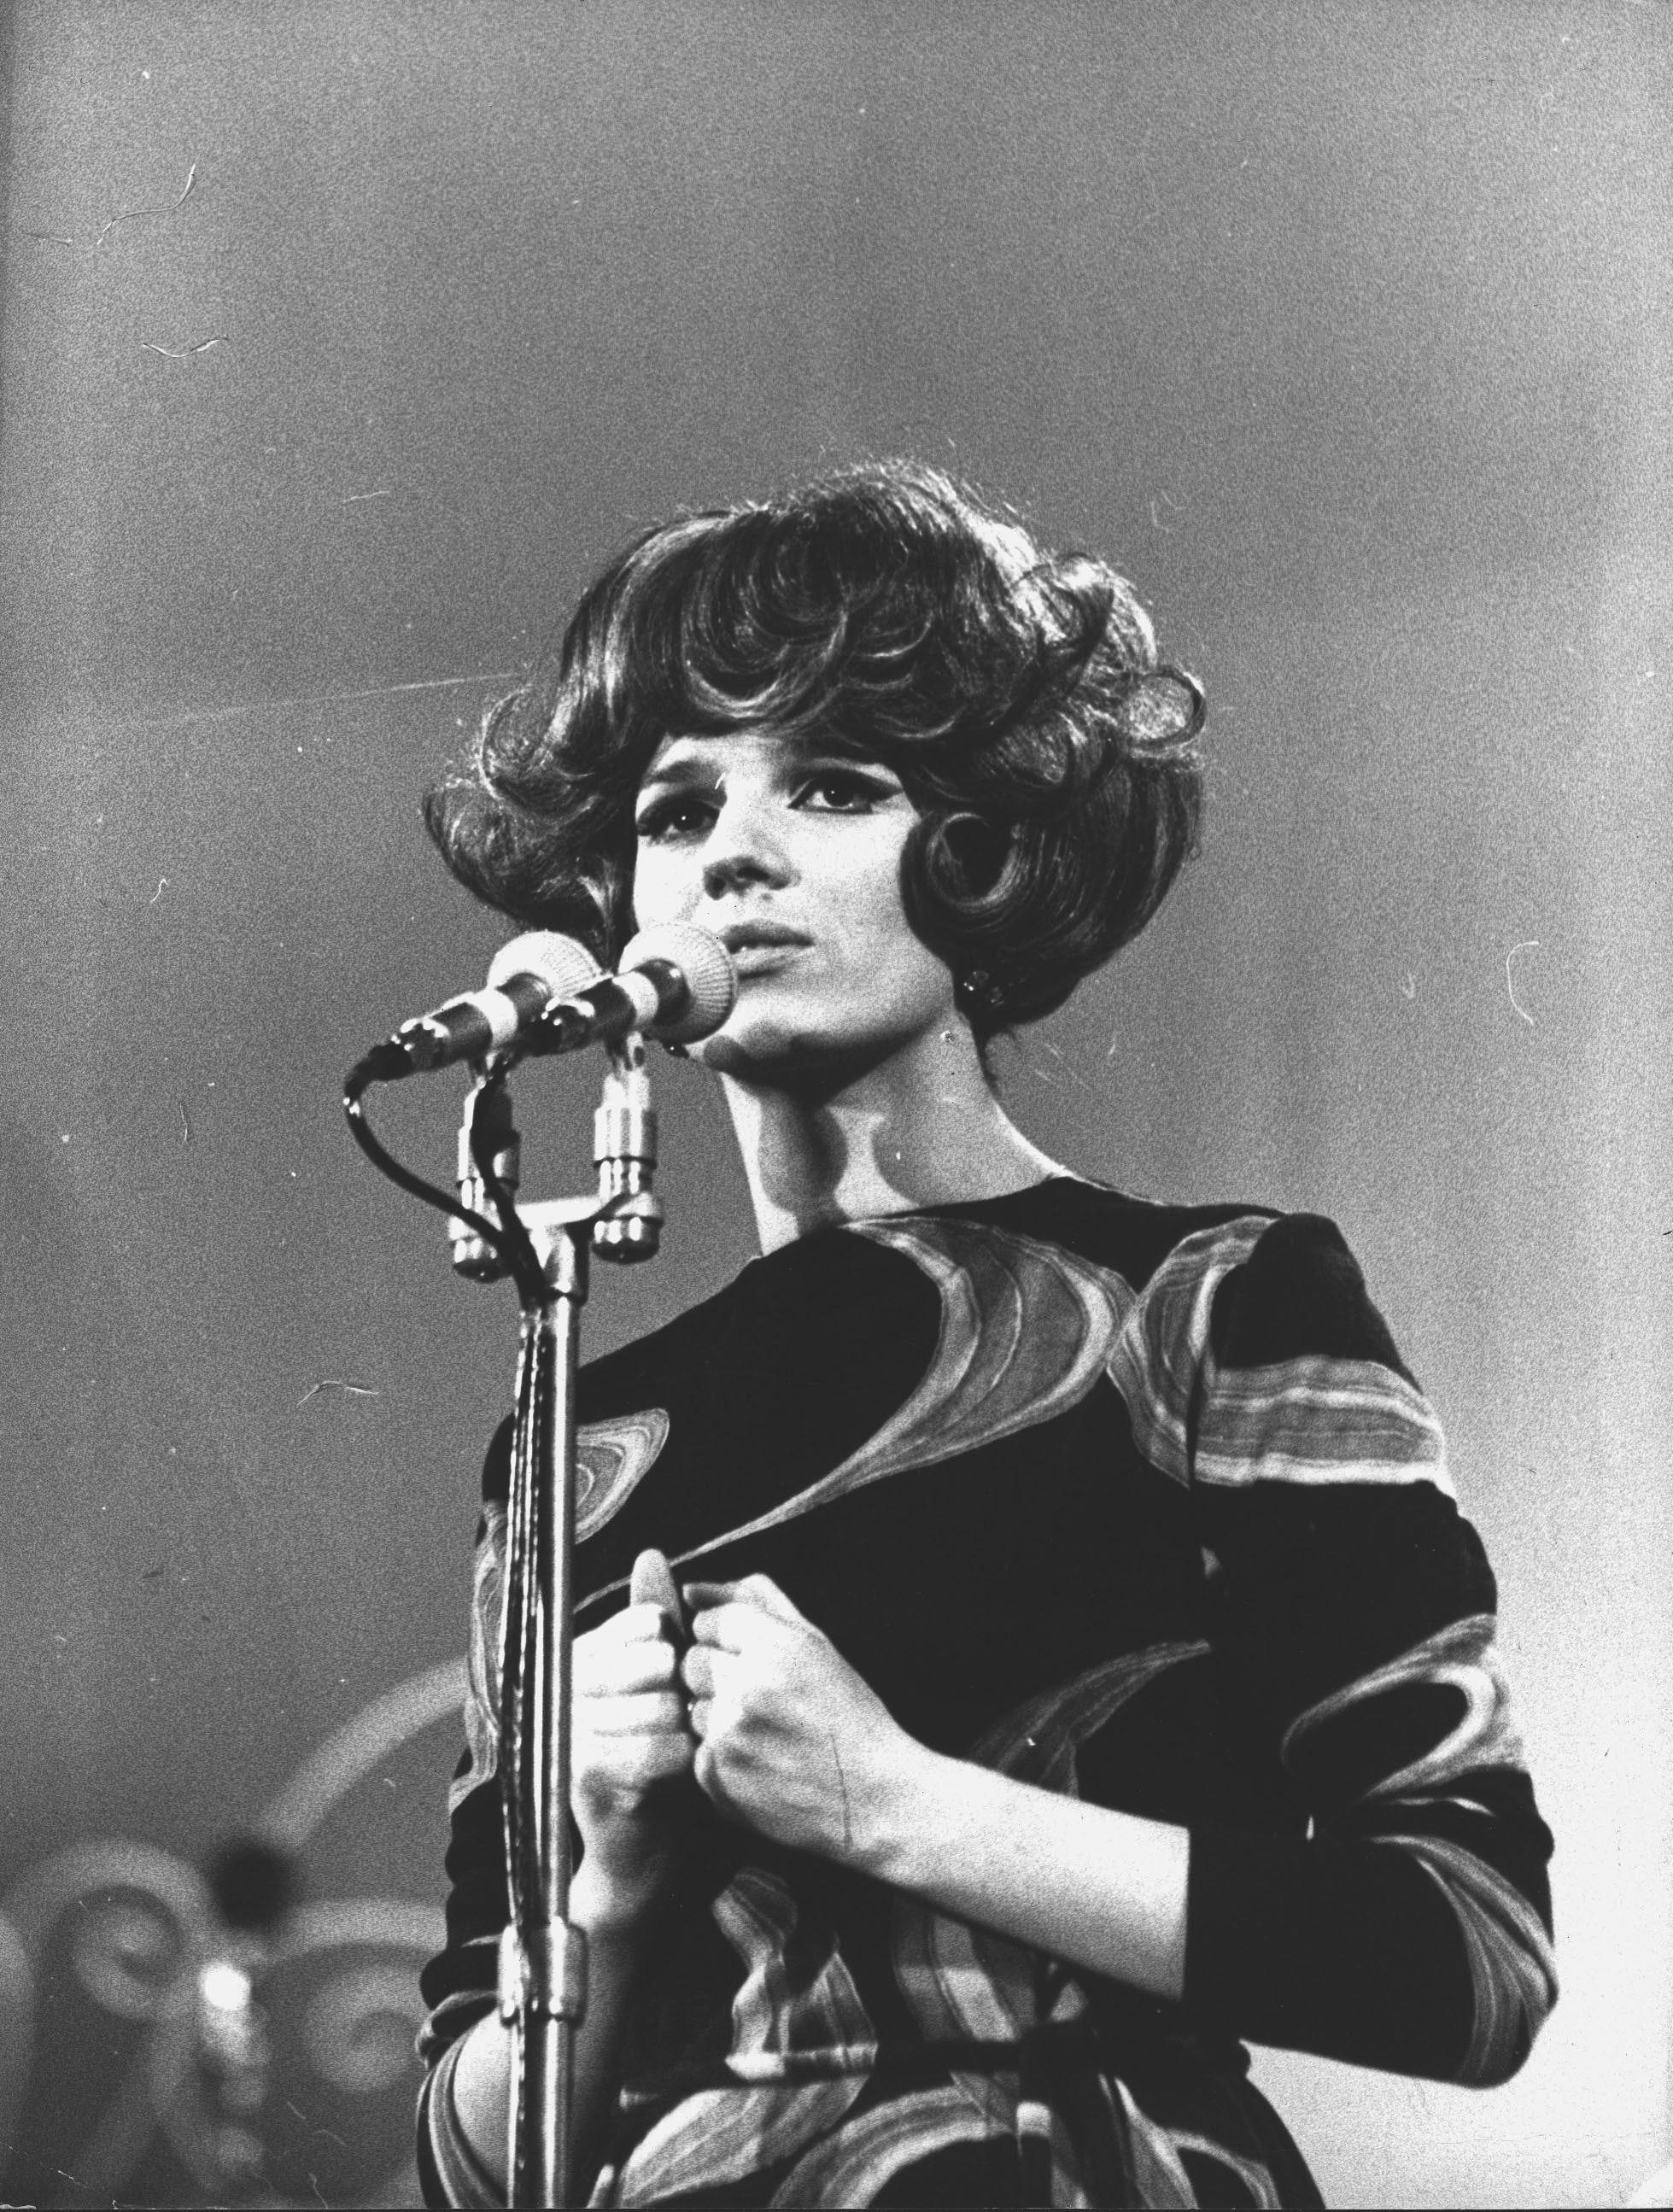 (in foto: Iva Zanicchi al Festiva di Sanremo 1966, La Presse)